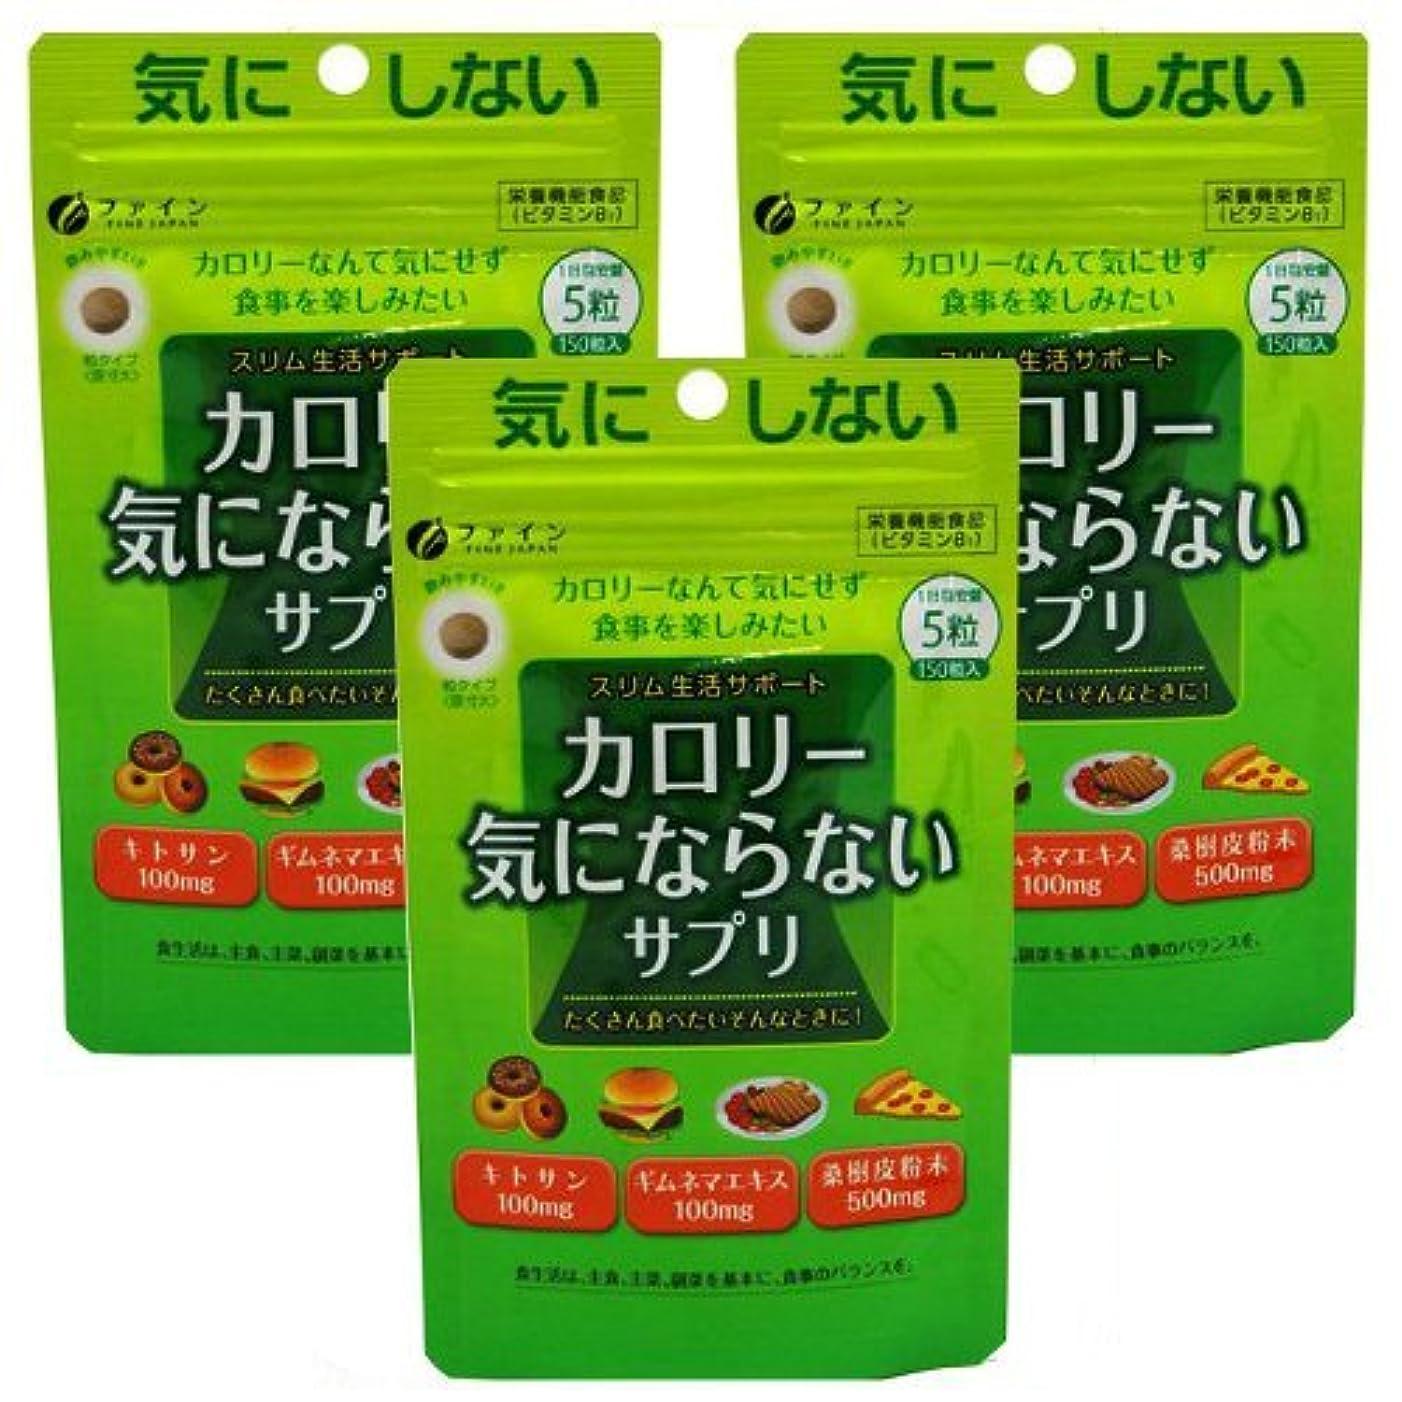 泣くかけるタオルカロリー気にならないサプリ 150粒(約1ヶ月分)×3袋